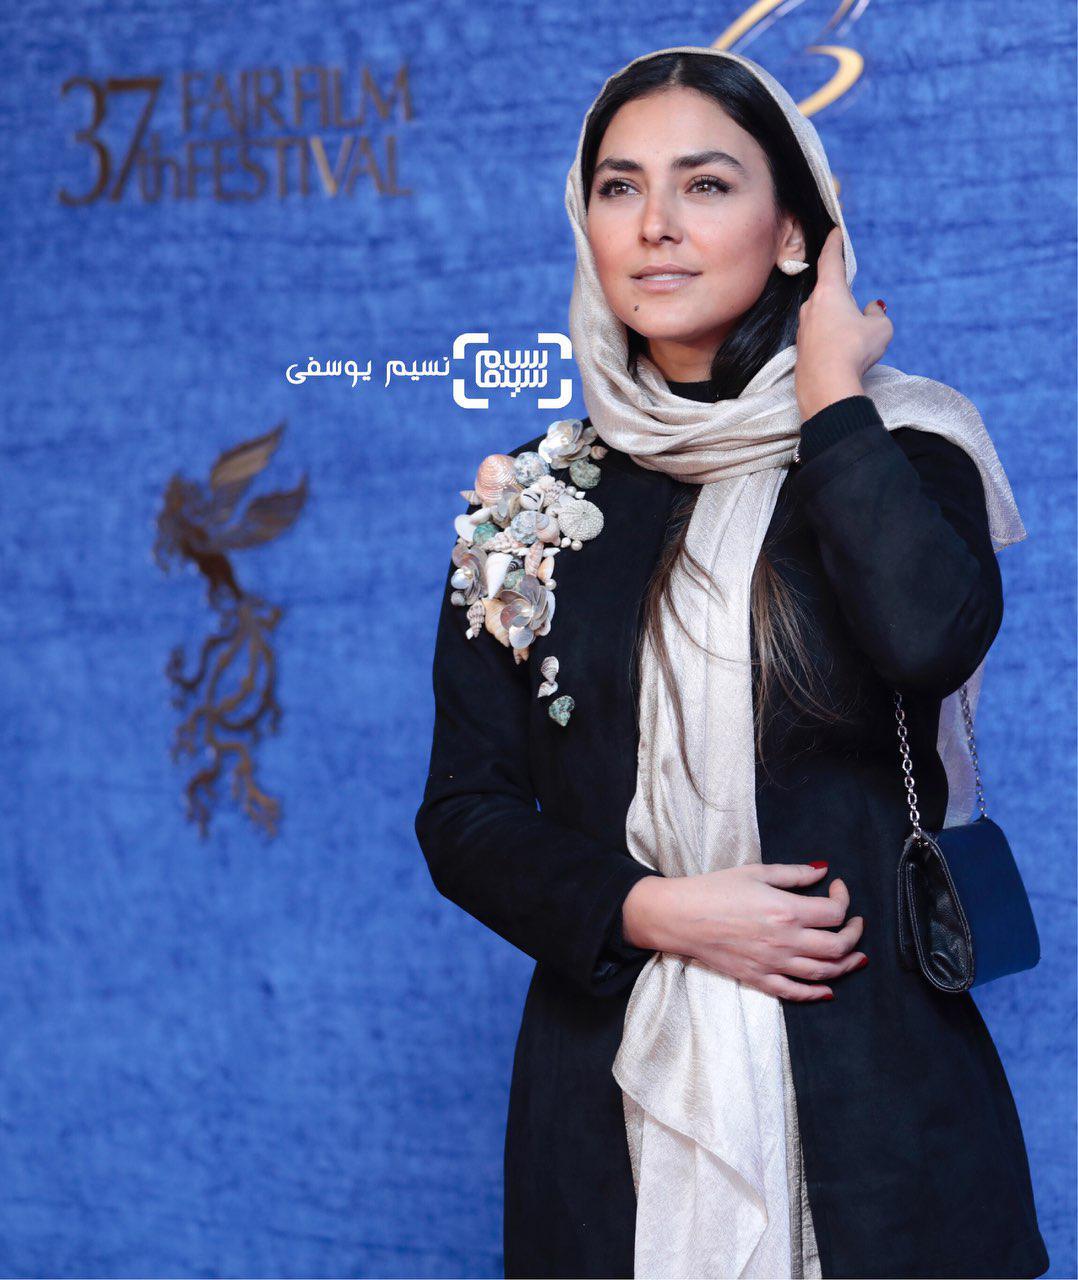 هدی زین العابدین گزارش تصویری اکران و نشست «طلا»/جشنواره فجر 37